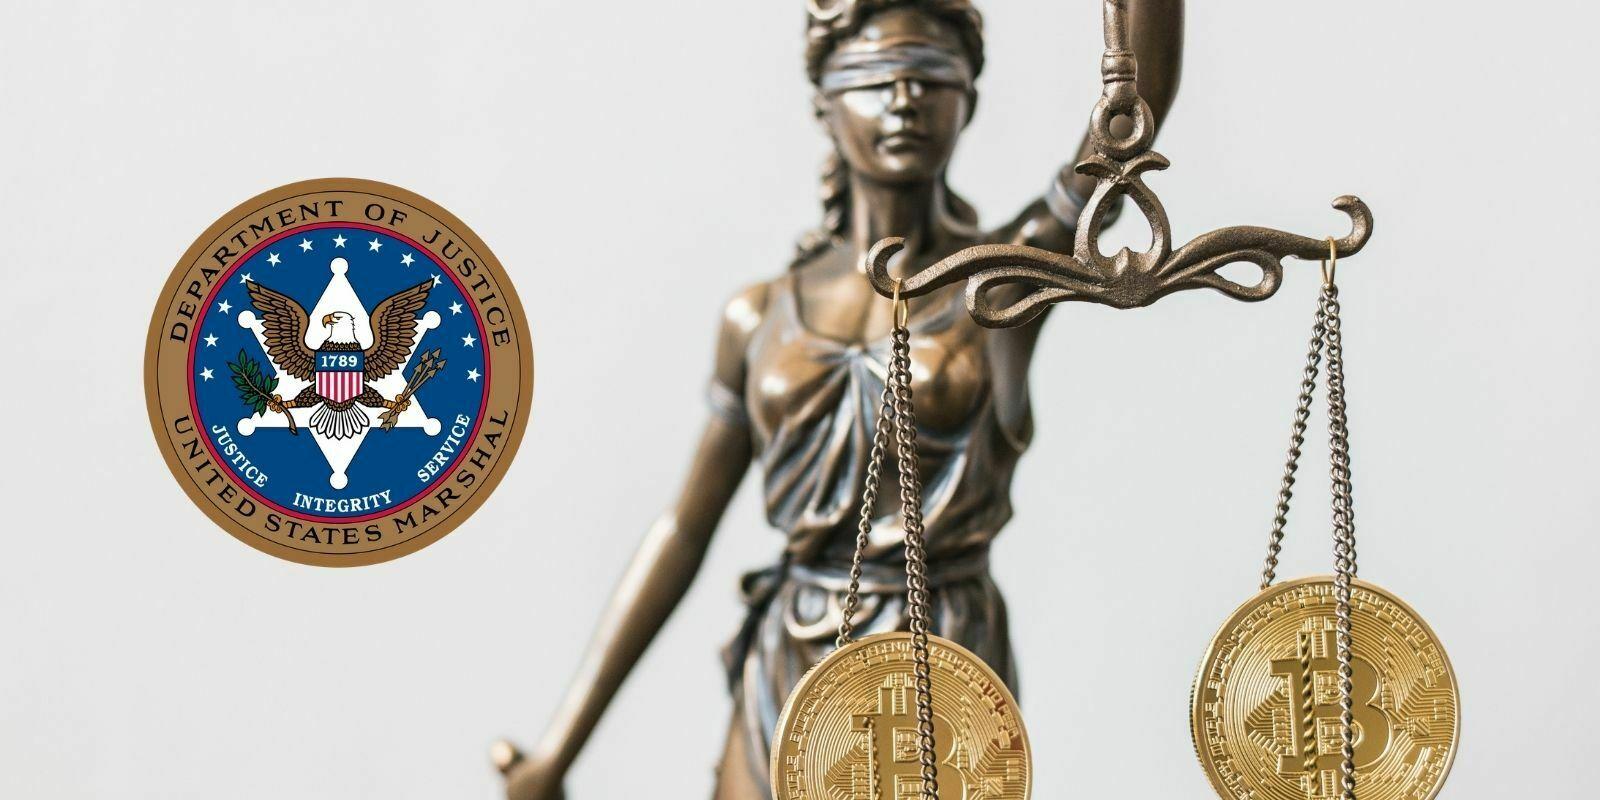 L'agence des US Marshals se rapproche du dépositaire BitGo pour gérer les bitcoins (BTC) saisis